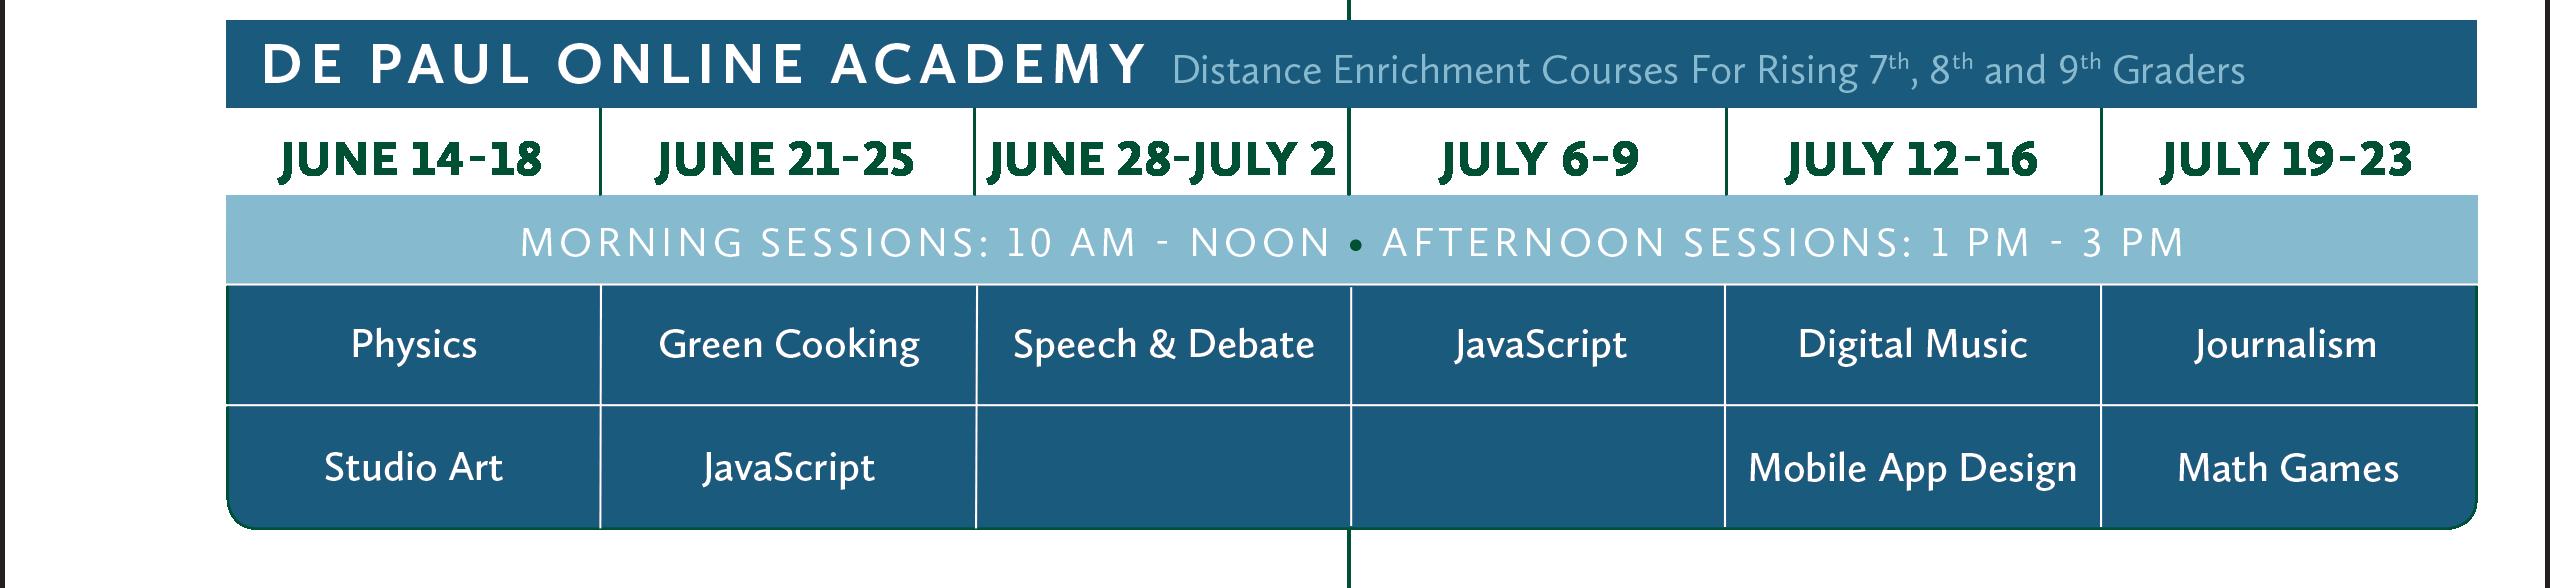 2021 De Paul Online Academy Calendar